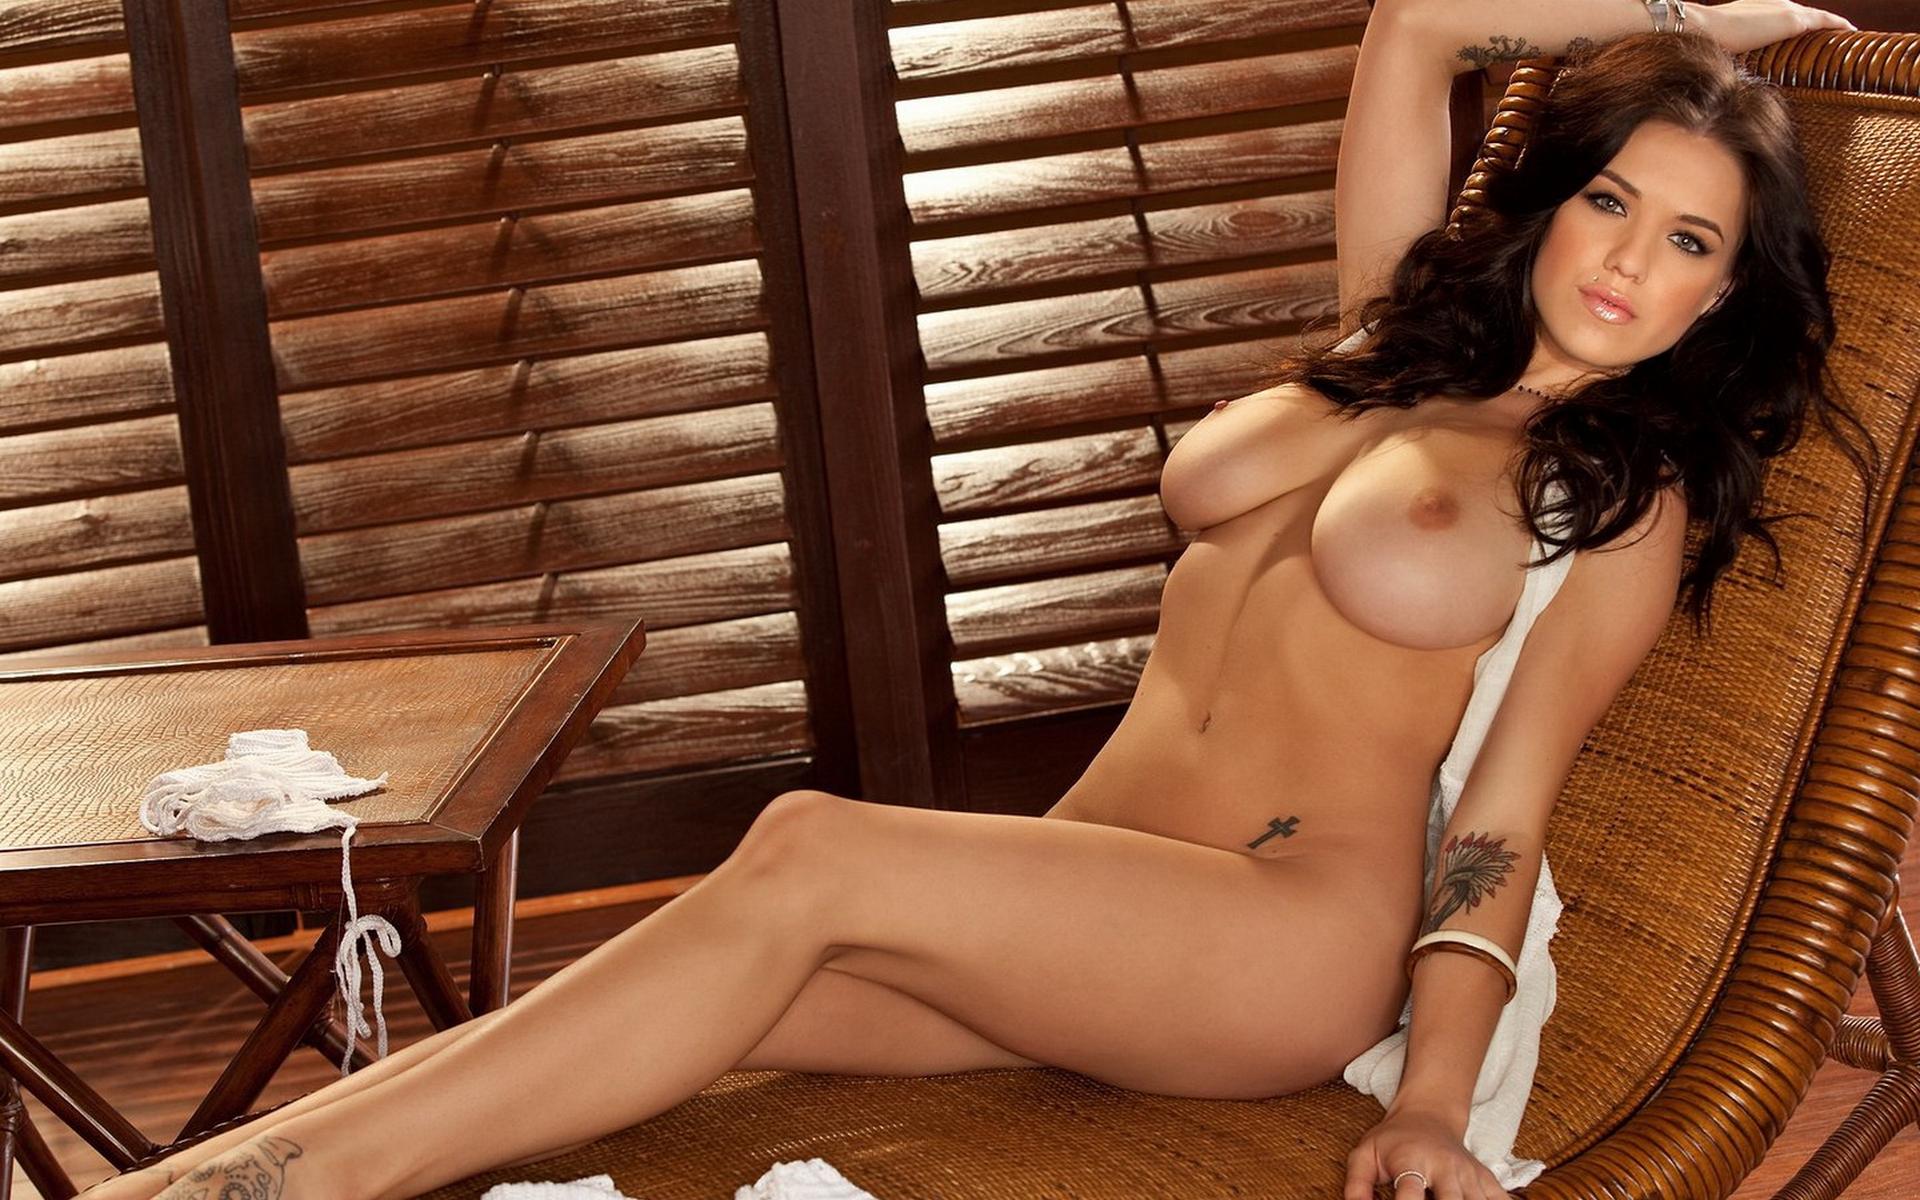 Playboy big boobs nude